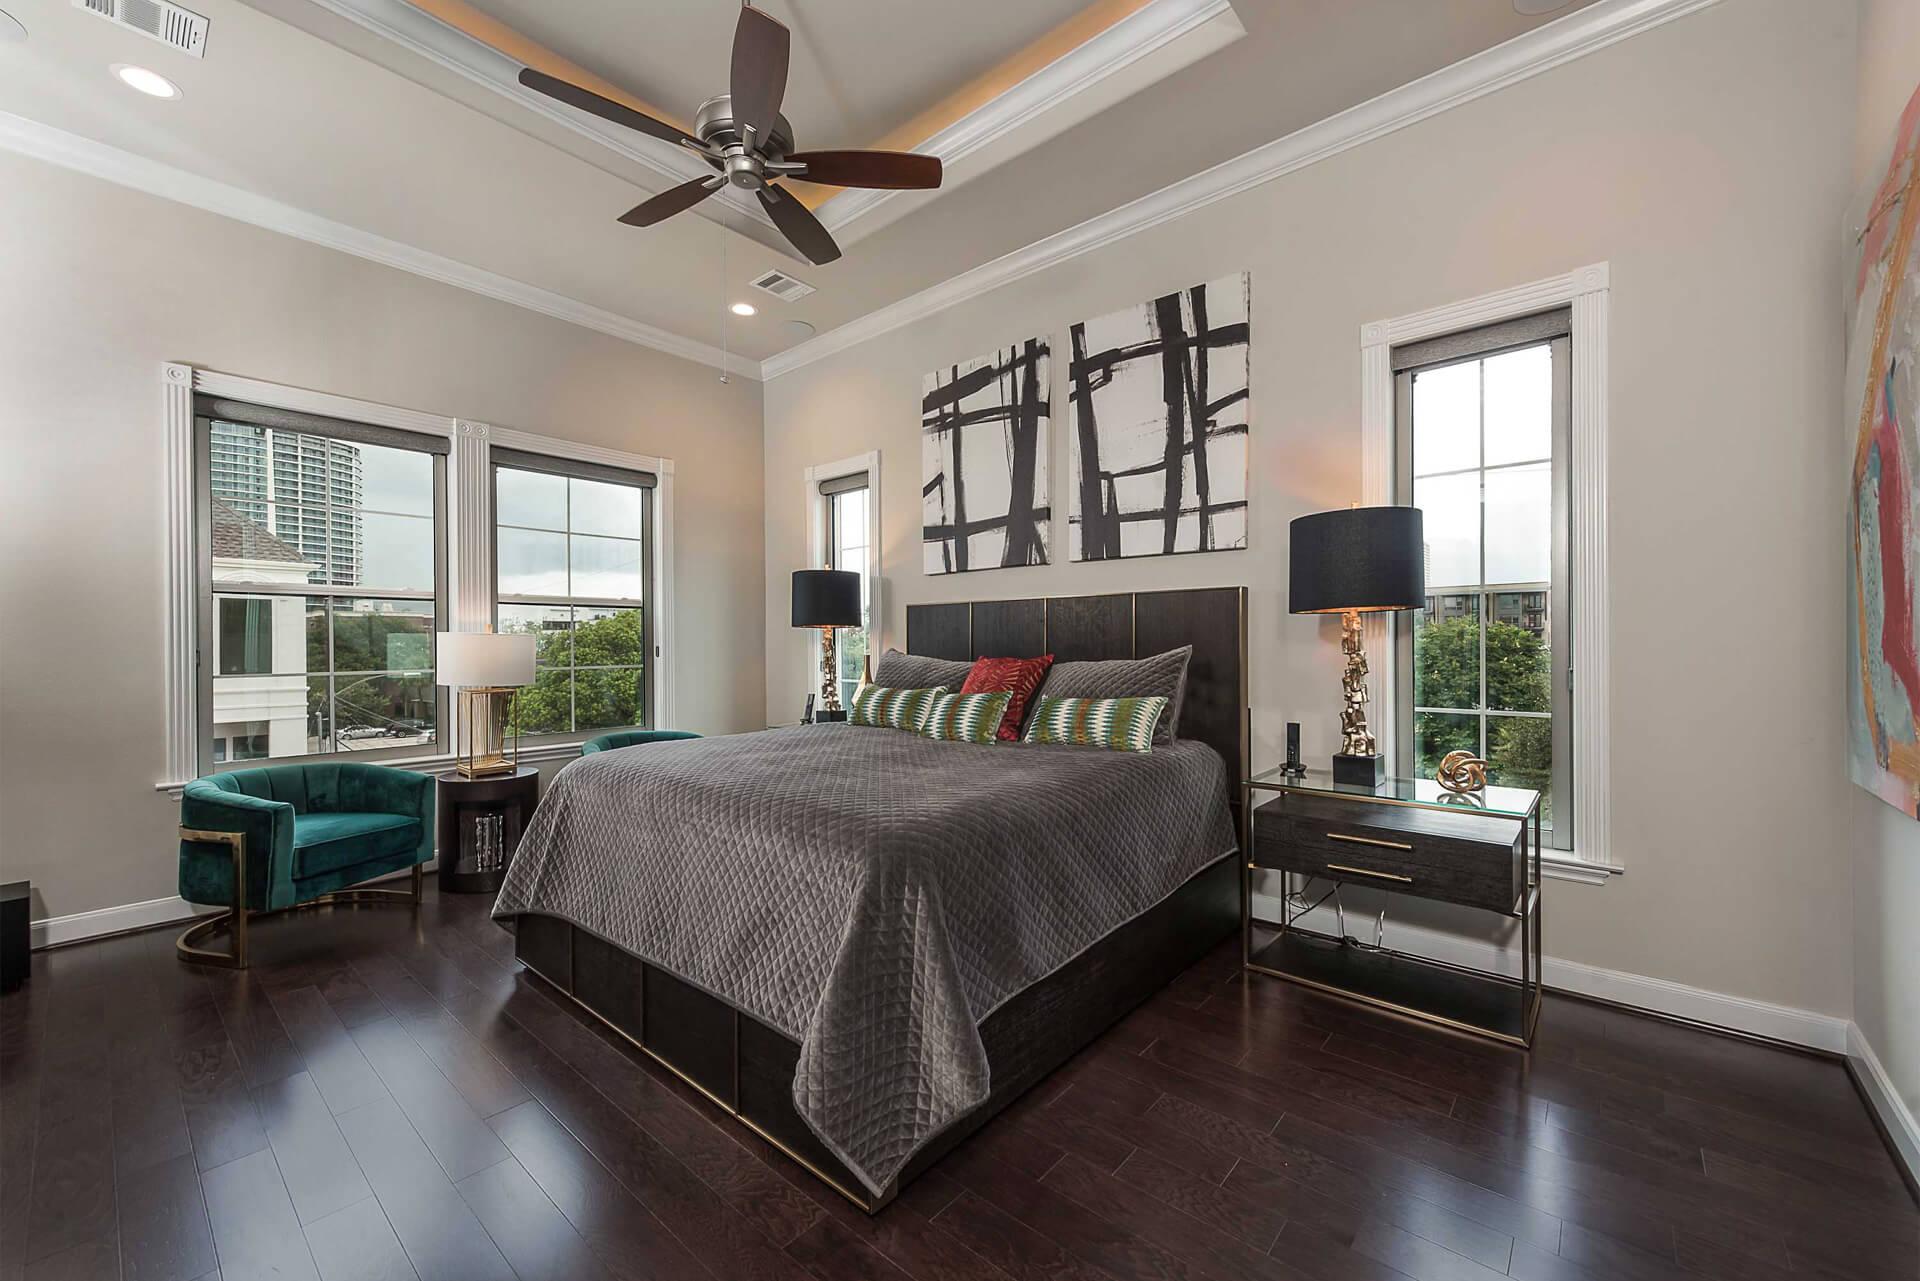 2307A_Master_Bed_Room.jpg